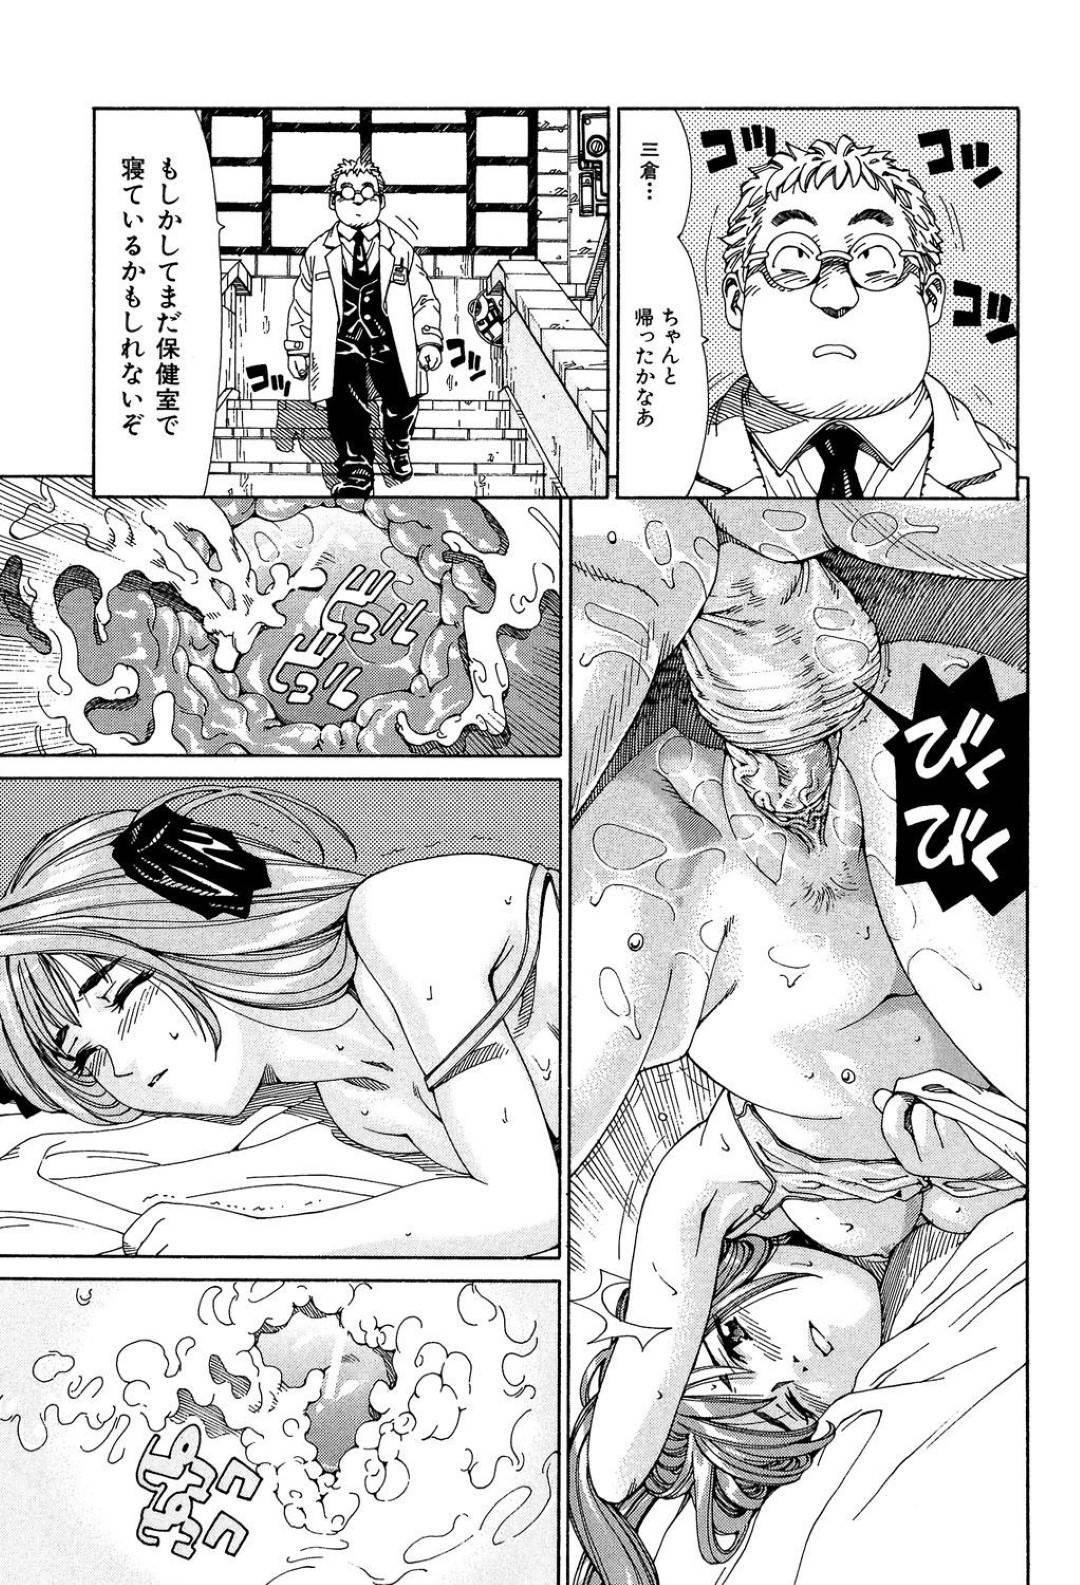 【エロ漫画】放課後の保健室で同級生の男とセックスするスレンダーJK…彼女は彼にクンニさせて潮吹き絶頂した後、バックでハメられて更にヨガりまくる!